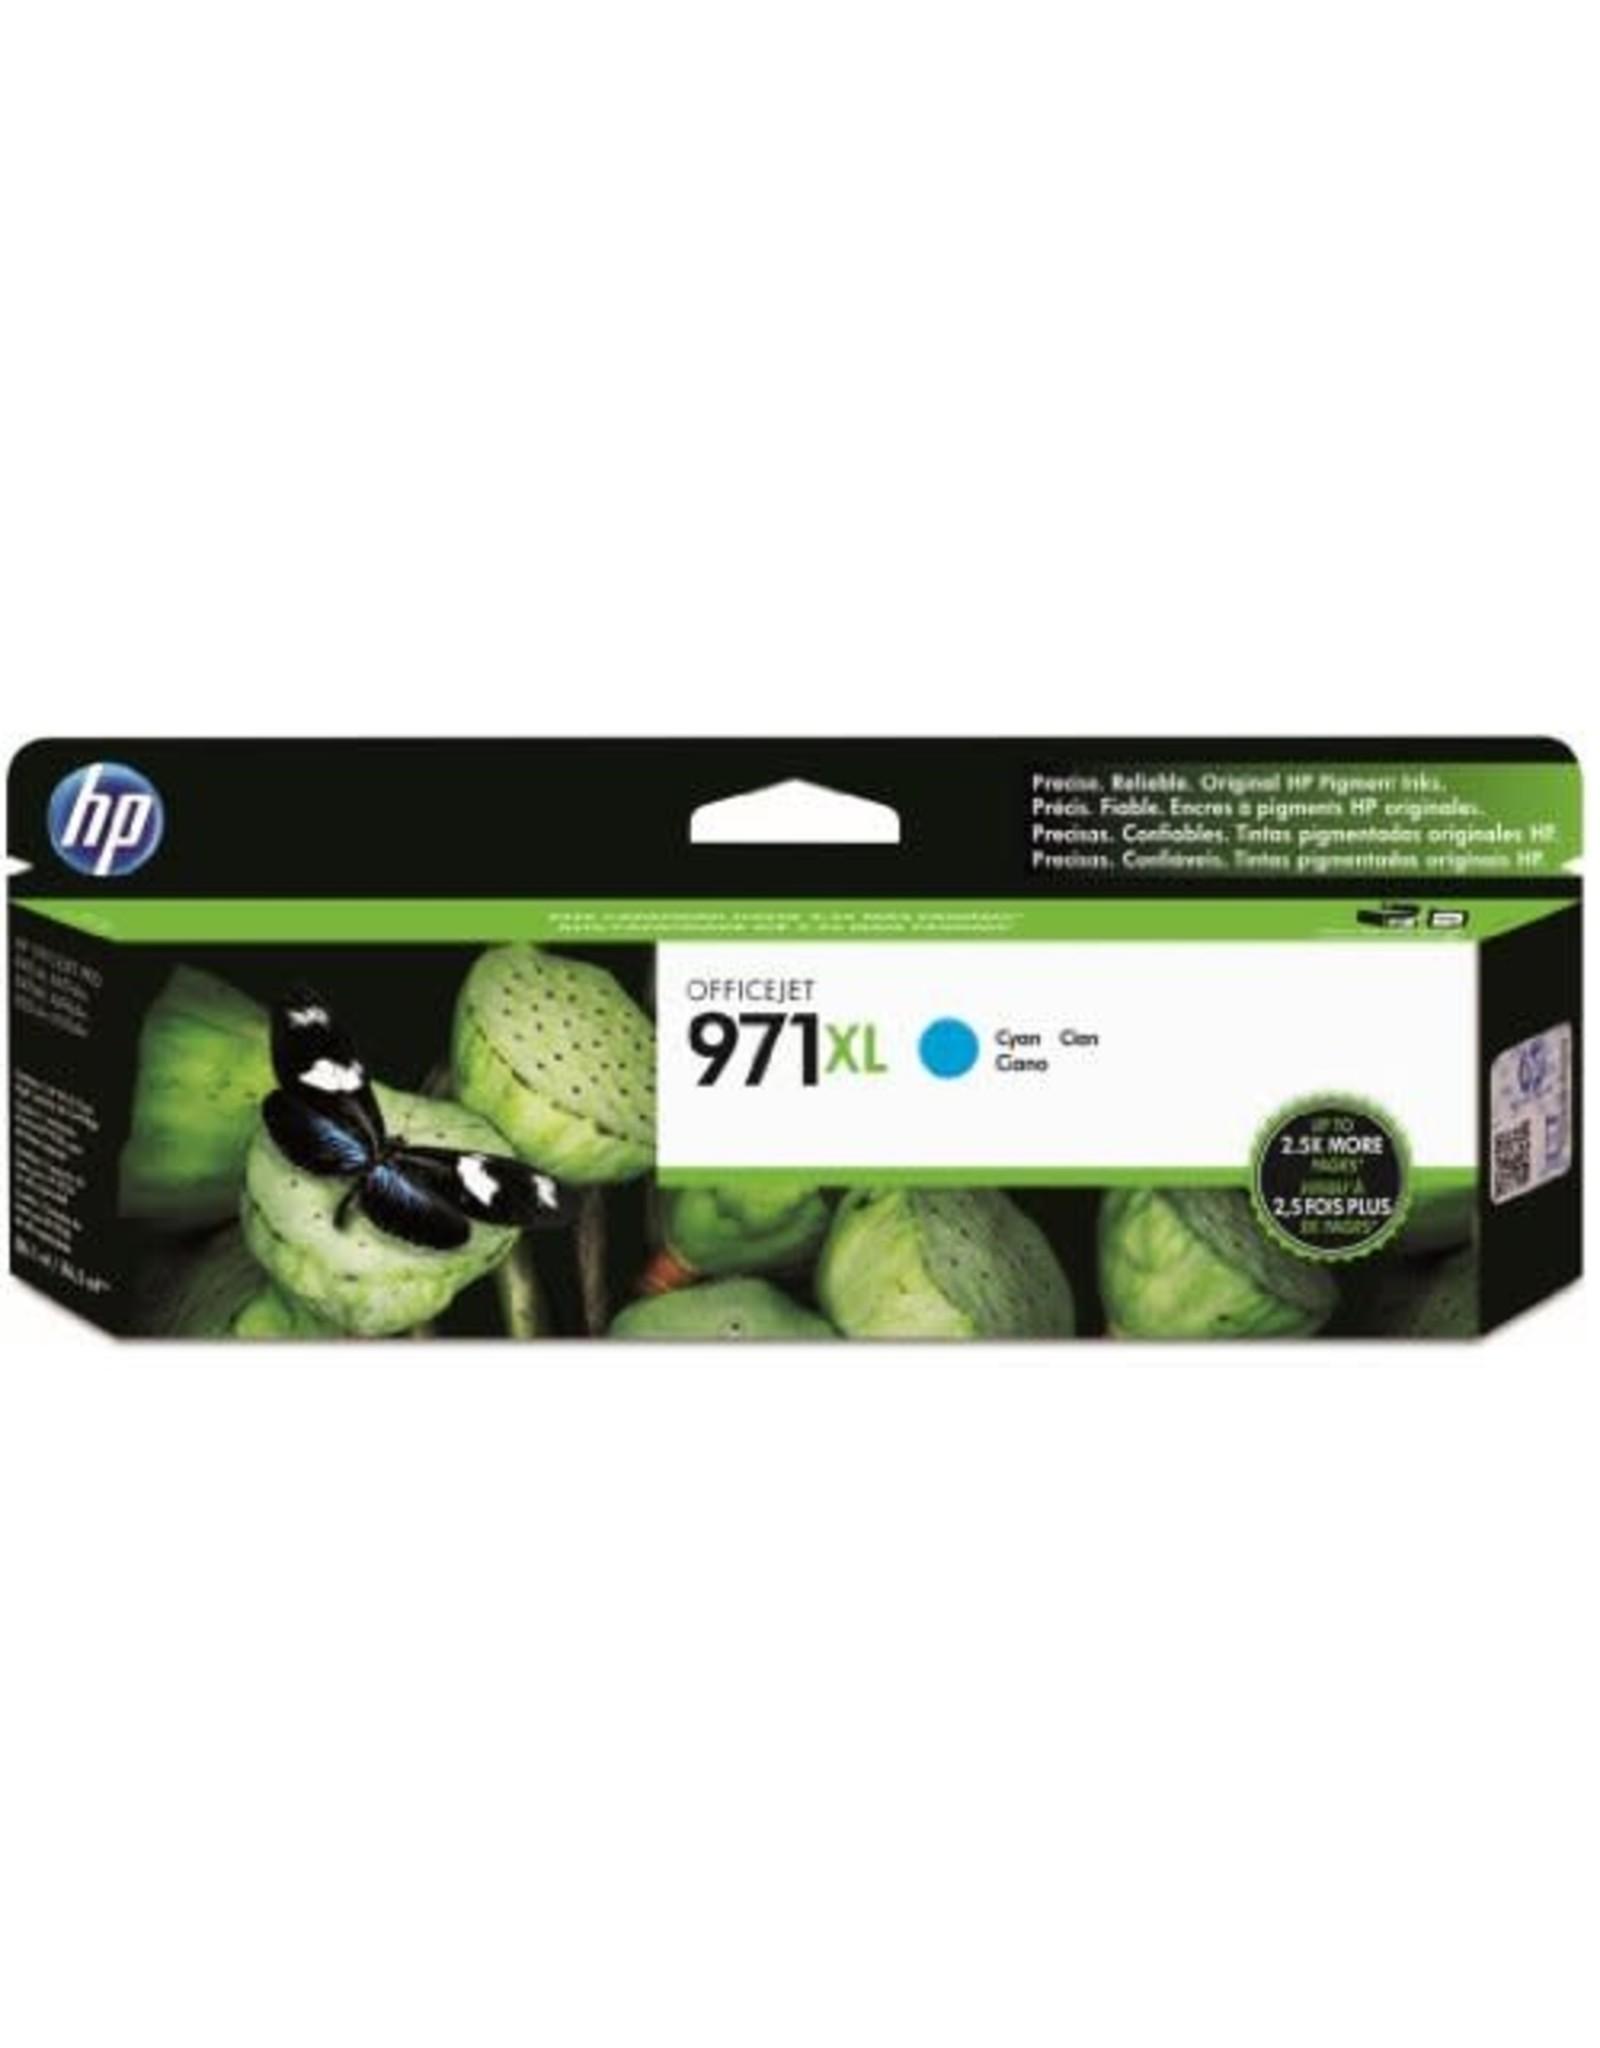 Ingram Micro INKJET CARTRIDGE-HP #971XL CYAN HIGH YIELD